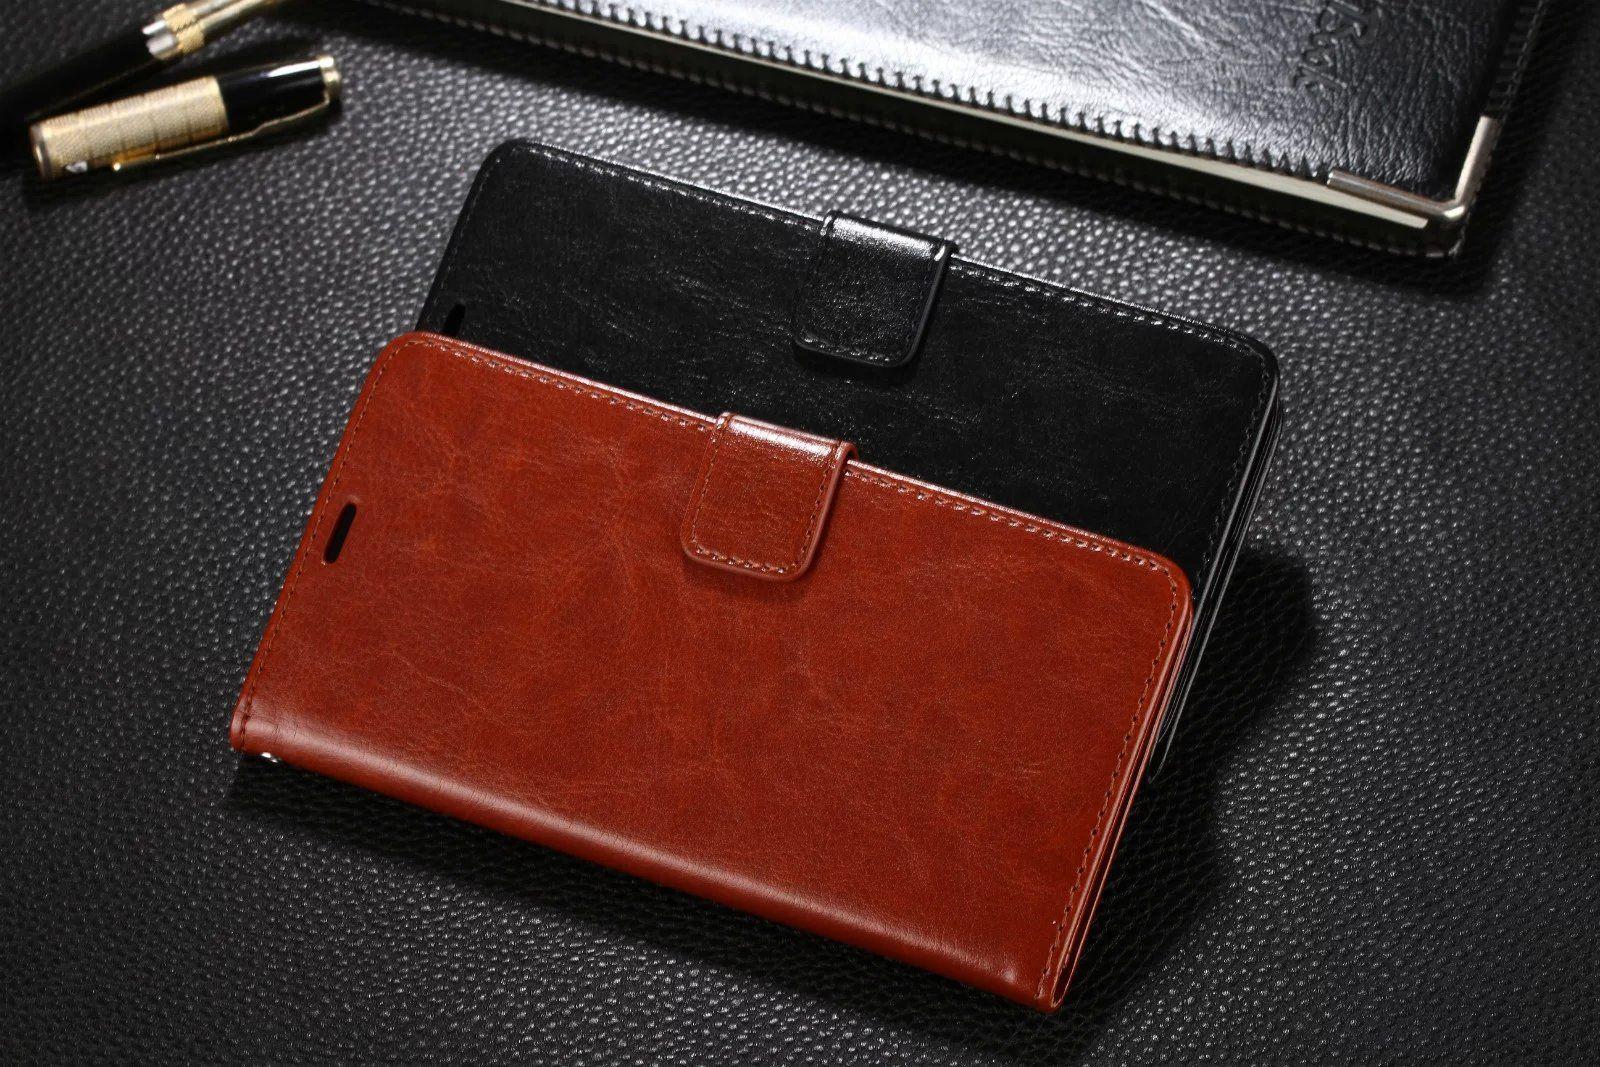 Для Meizu Meilan Note 3 Чехол Стенд Ультратонкая задняя крышка Кошелек Роскошный флип кожаный чехол Для Meizu Meilan Note 3 Noblue Note 3